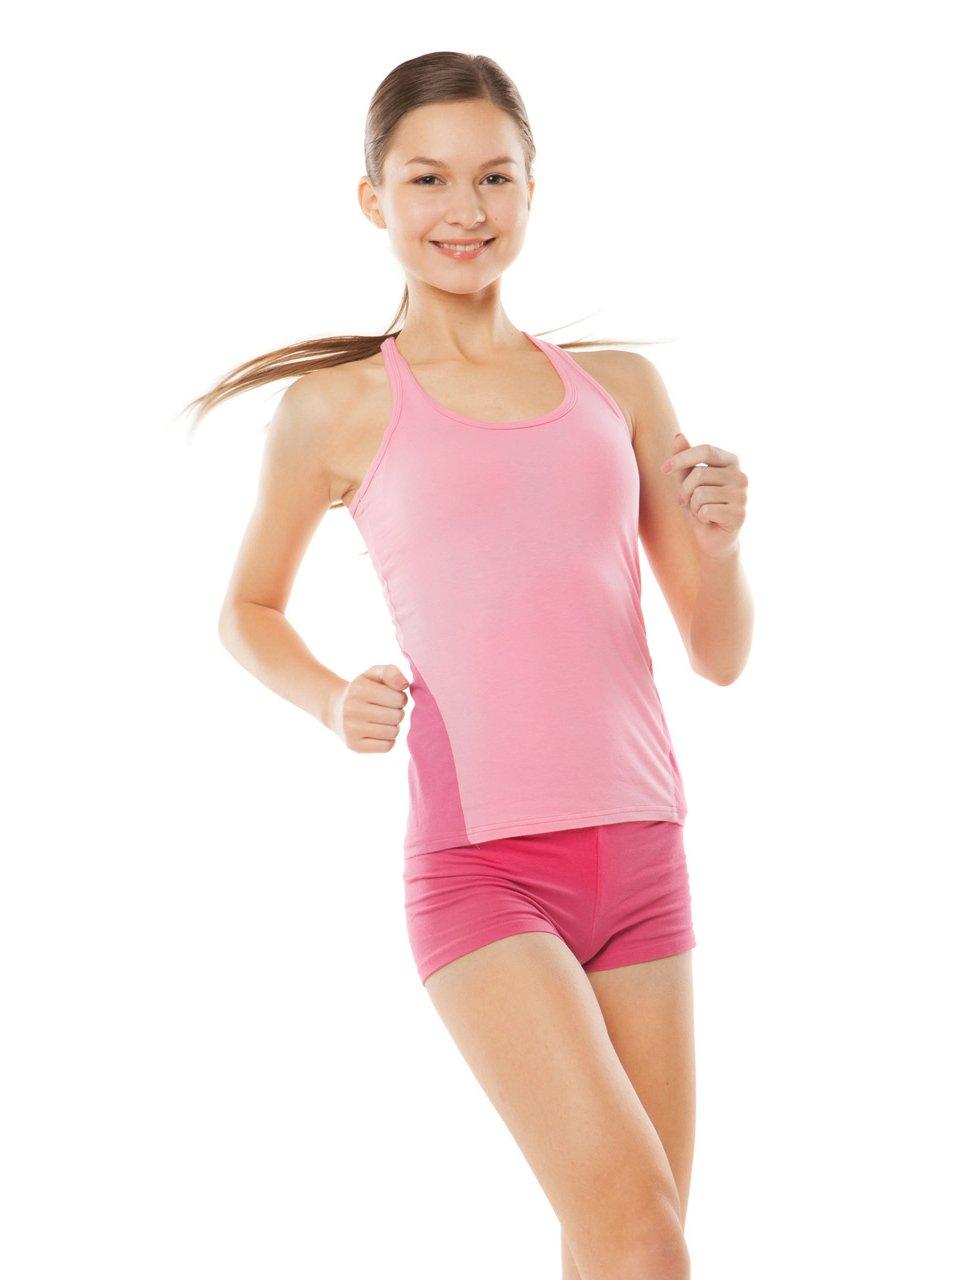 Vivian's Fashions Legging Shorts - Girls, Boy-Shorts, Cotton (Fuchsia, Medium)